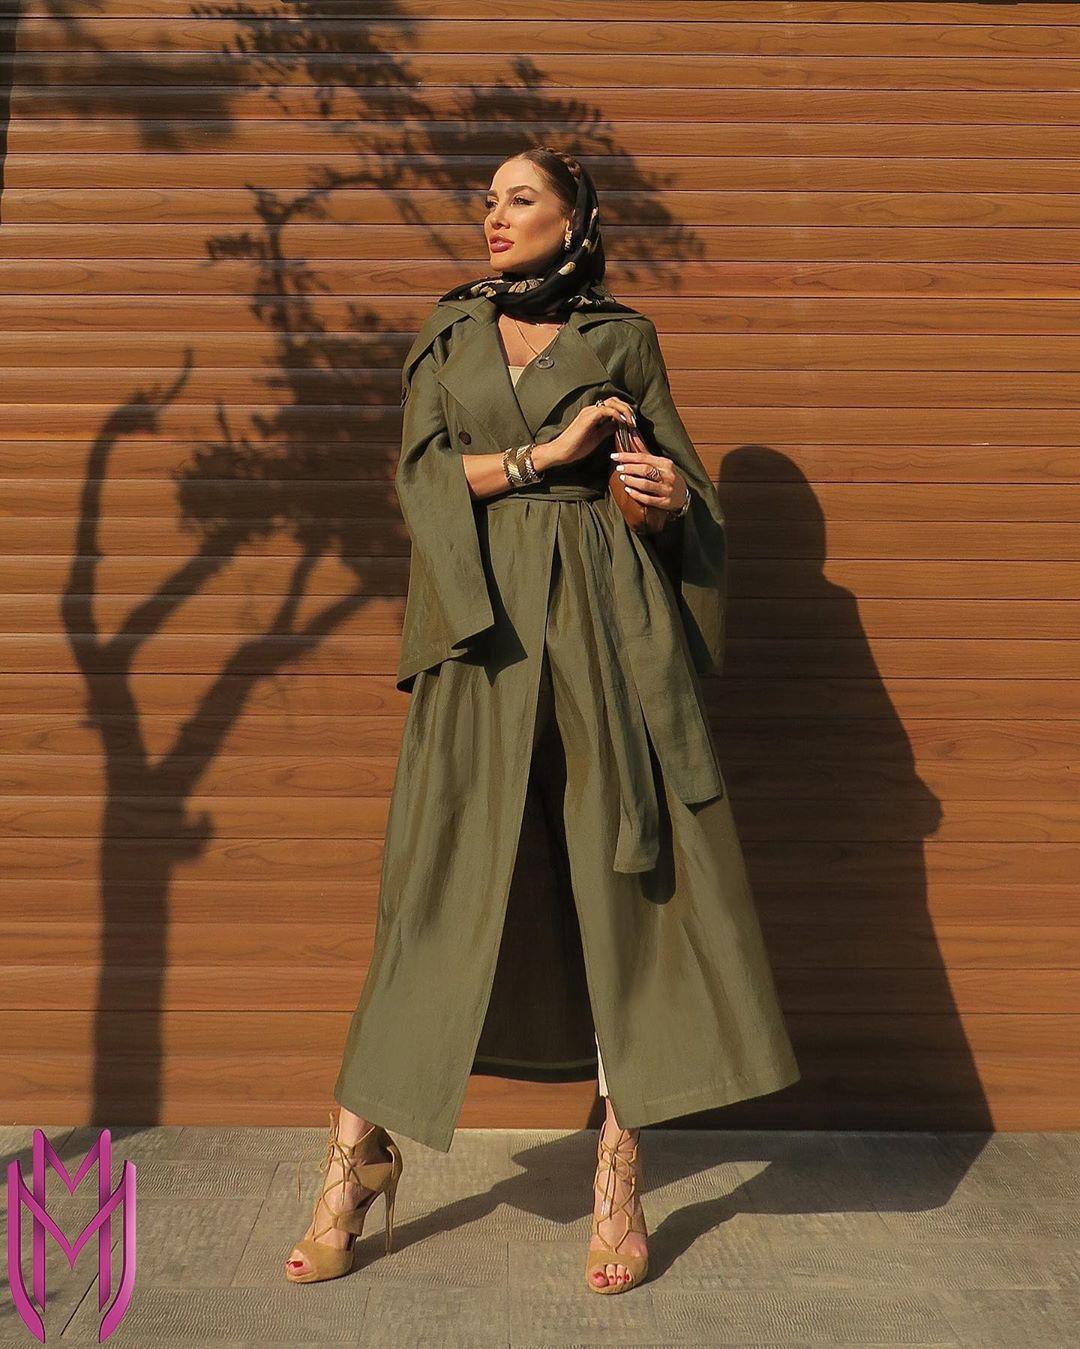 مدل مانتو جدید تابستانی دخترانه بلند با پارچه خنک